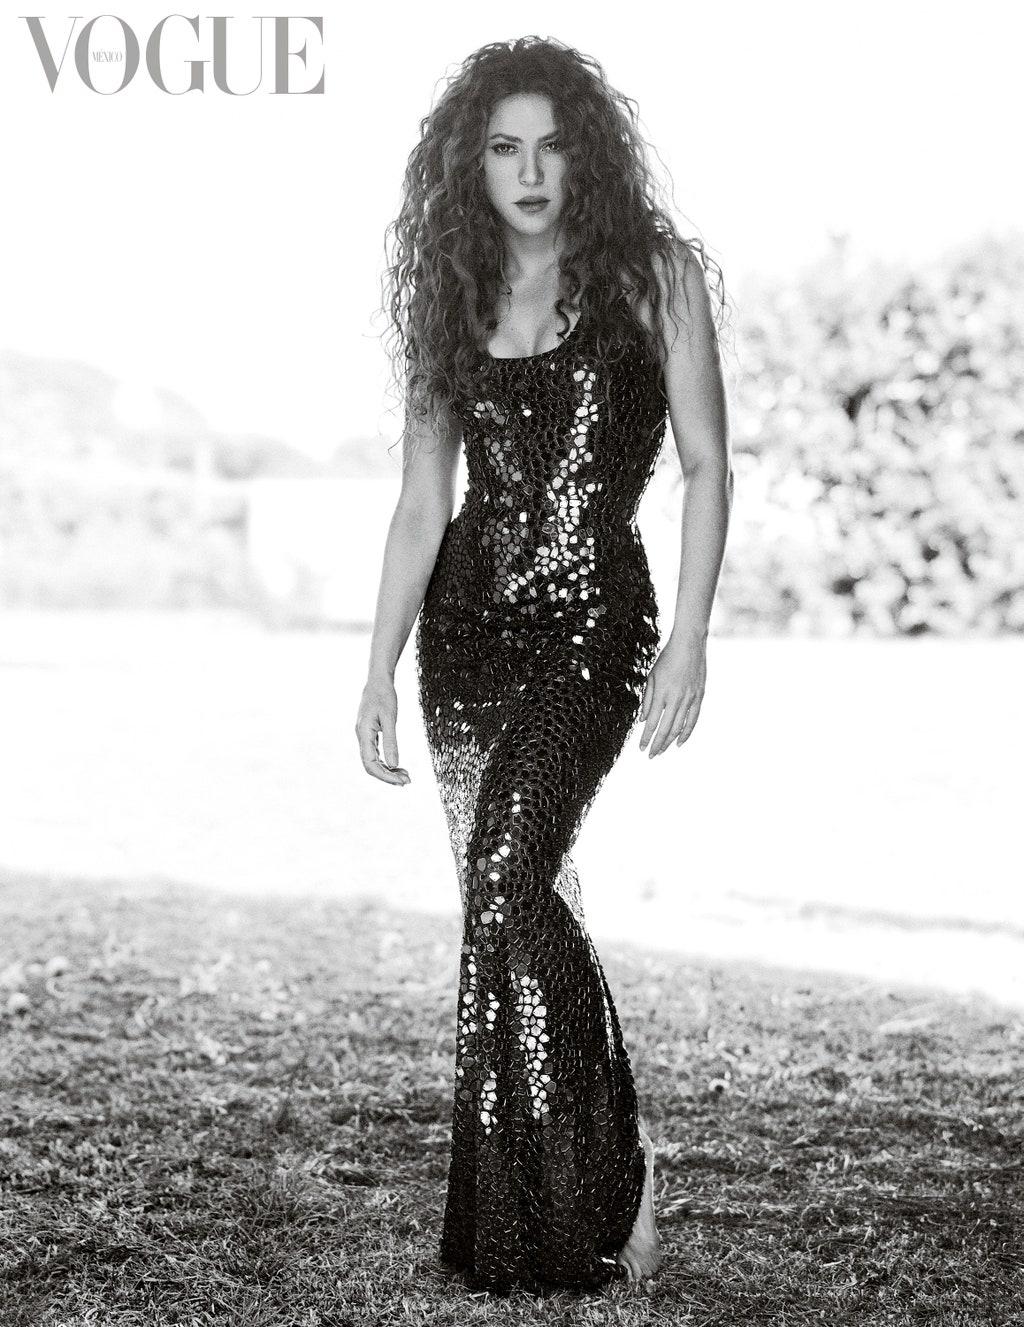 Шакира впервые за долгое время появилась на обложке глянца (ФОТО) - фото №3